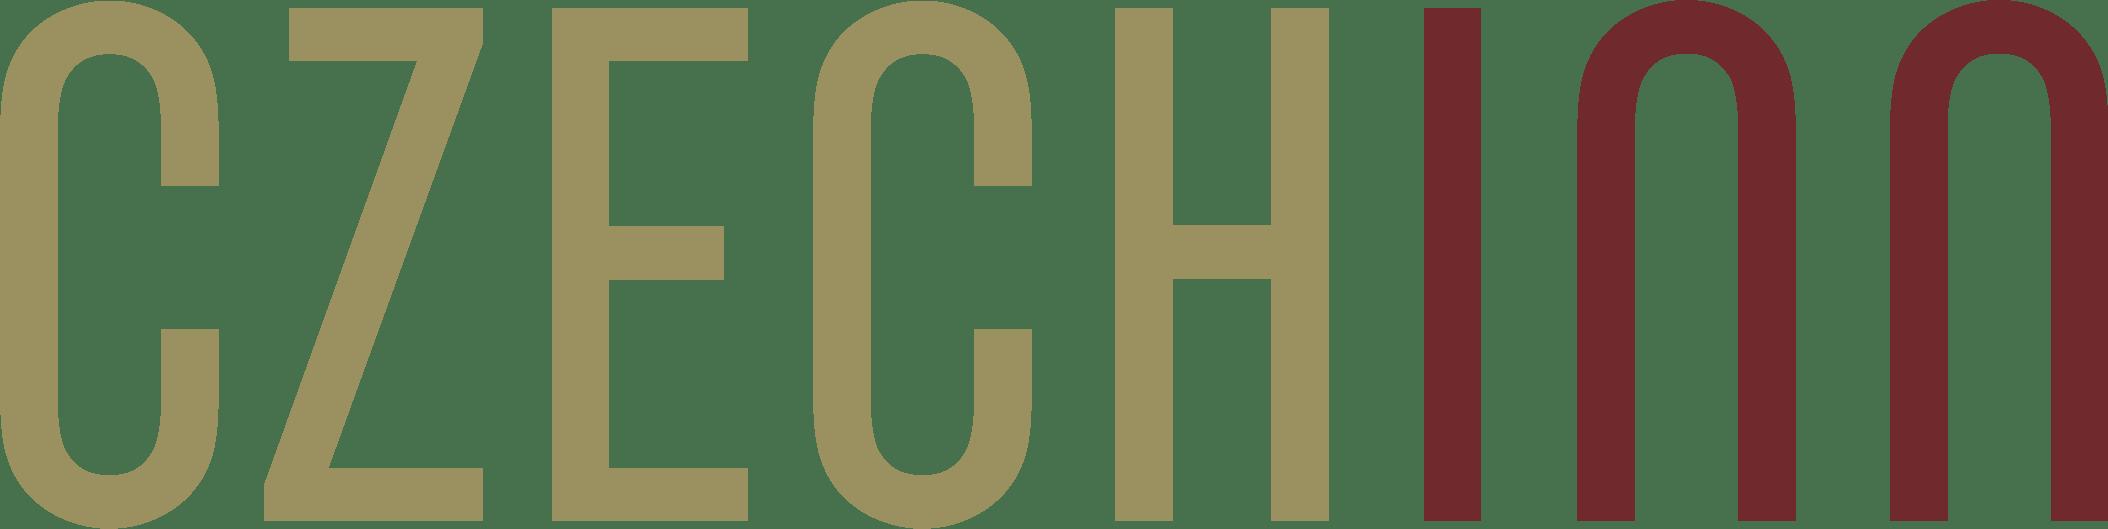 czech inn logo 271x74